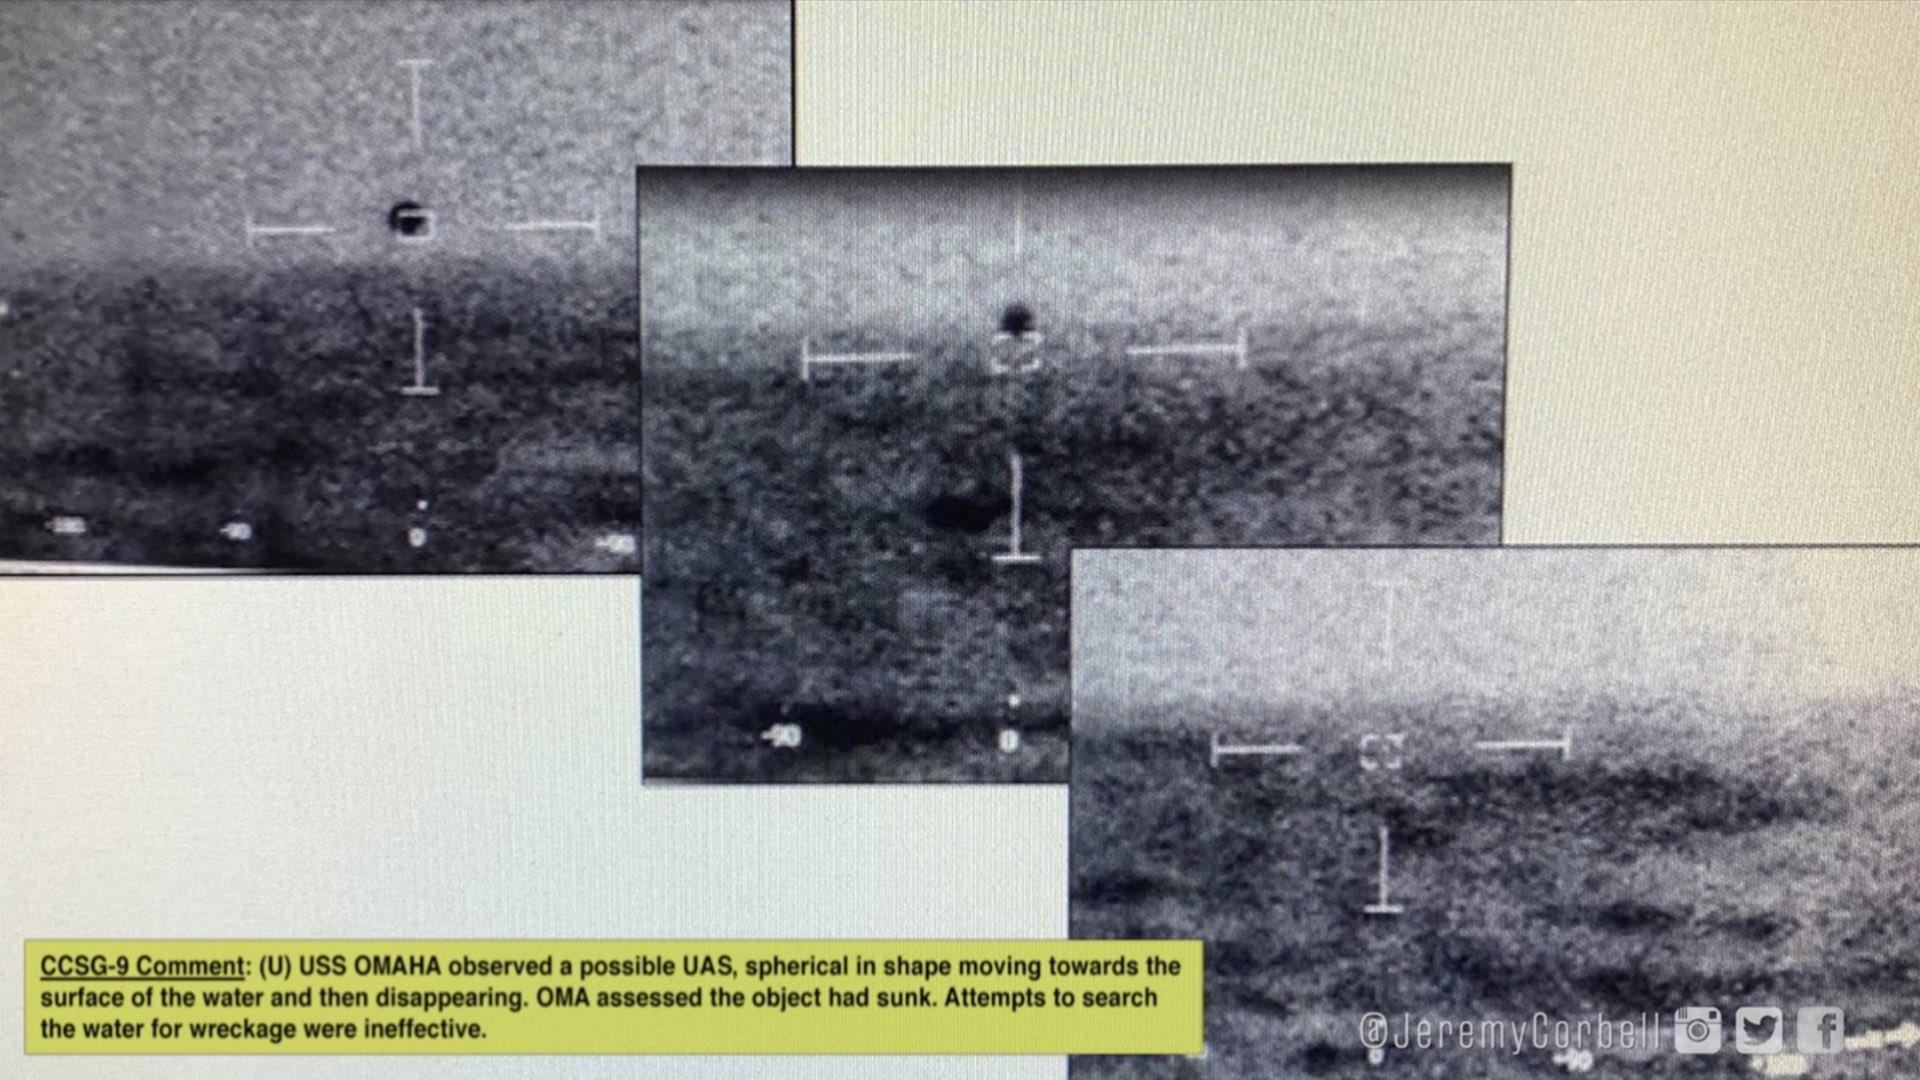 Джереми Корбелл утверждает, что в общей сложности у него имеется девять такого рода изображений.